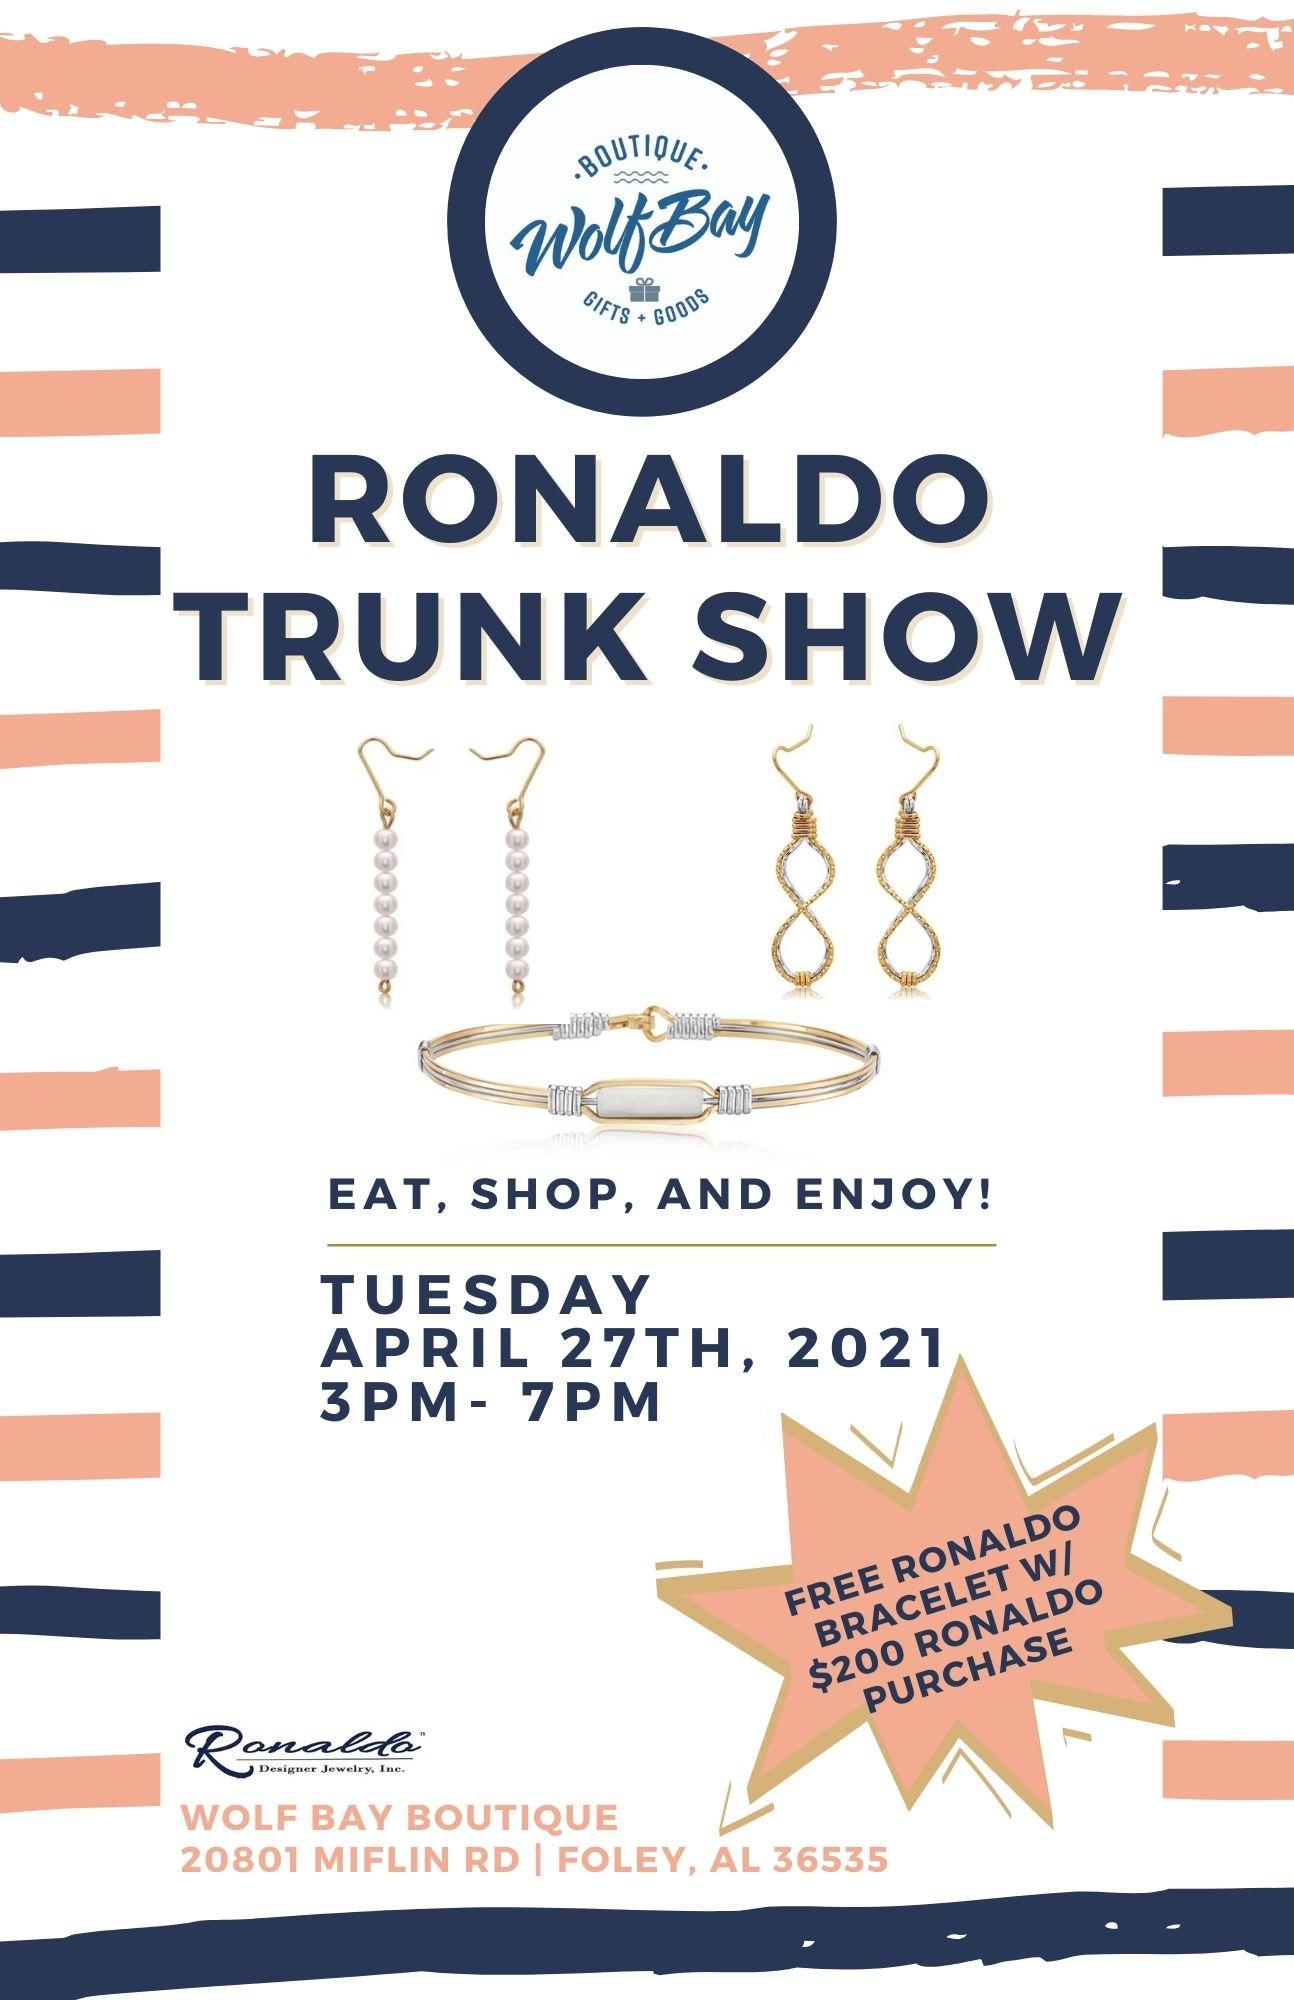 Ronaldo Trunk Show